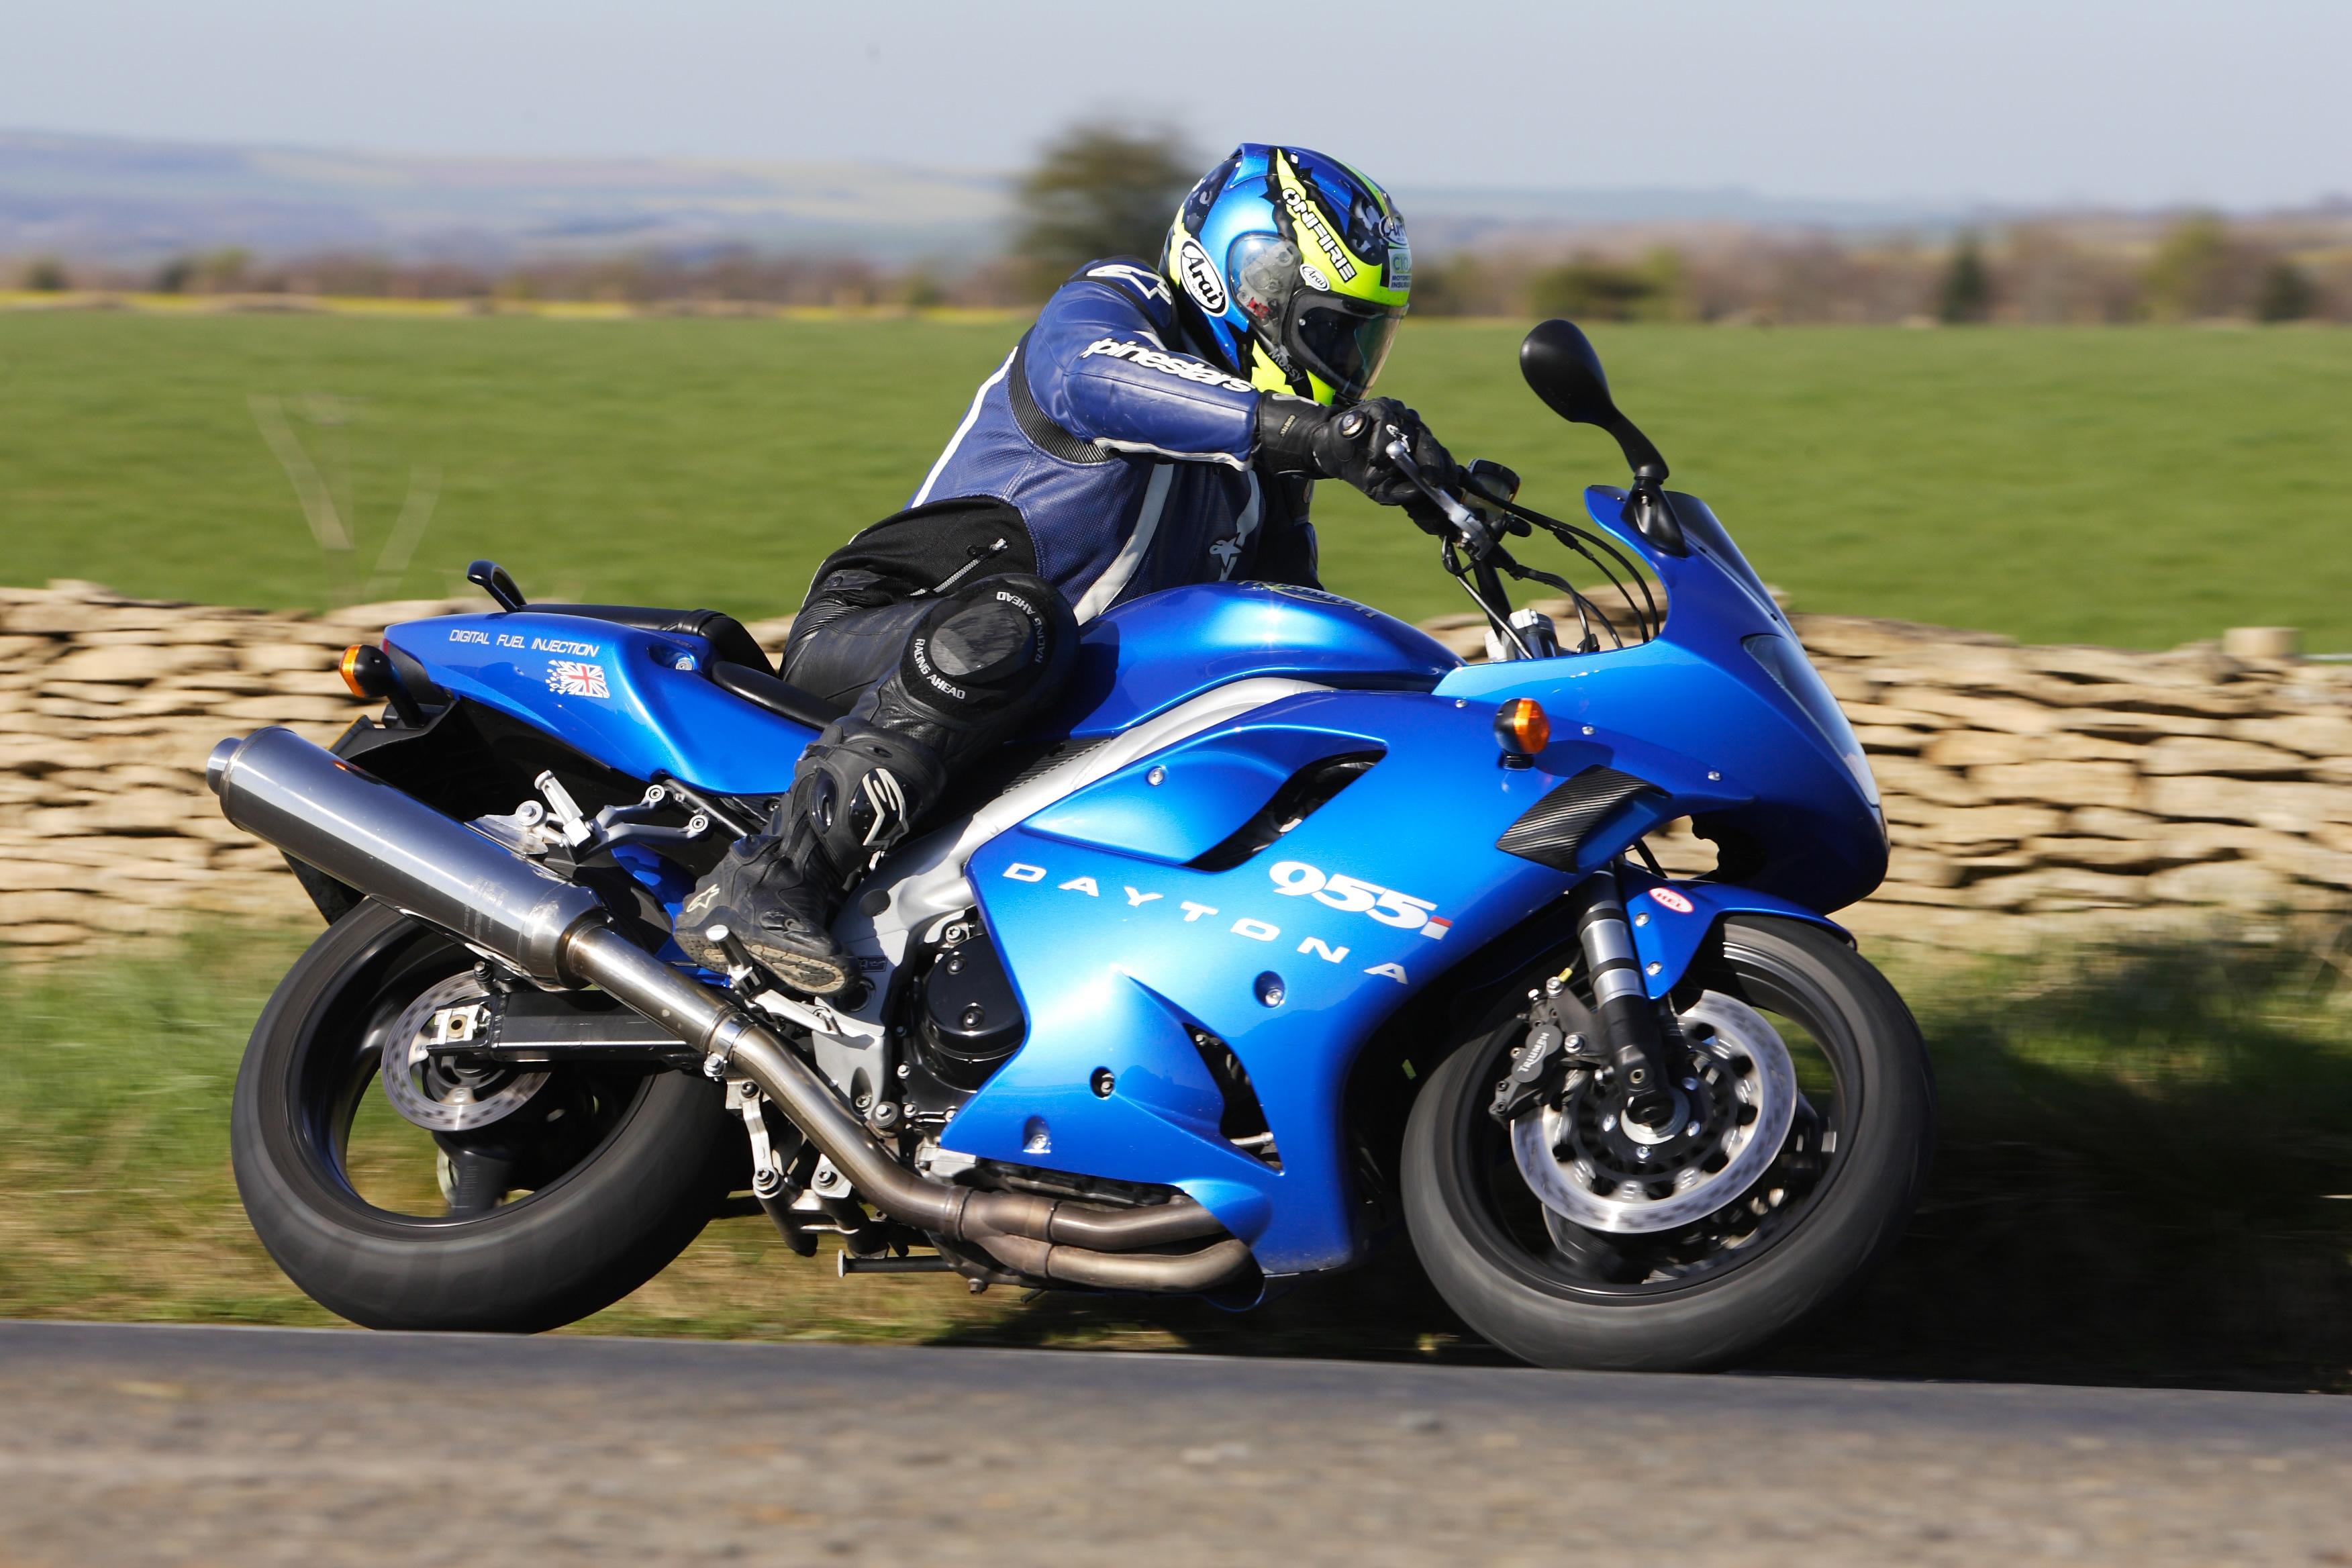 Байк, синий, мотоцикл, фото обои